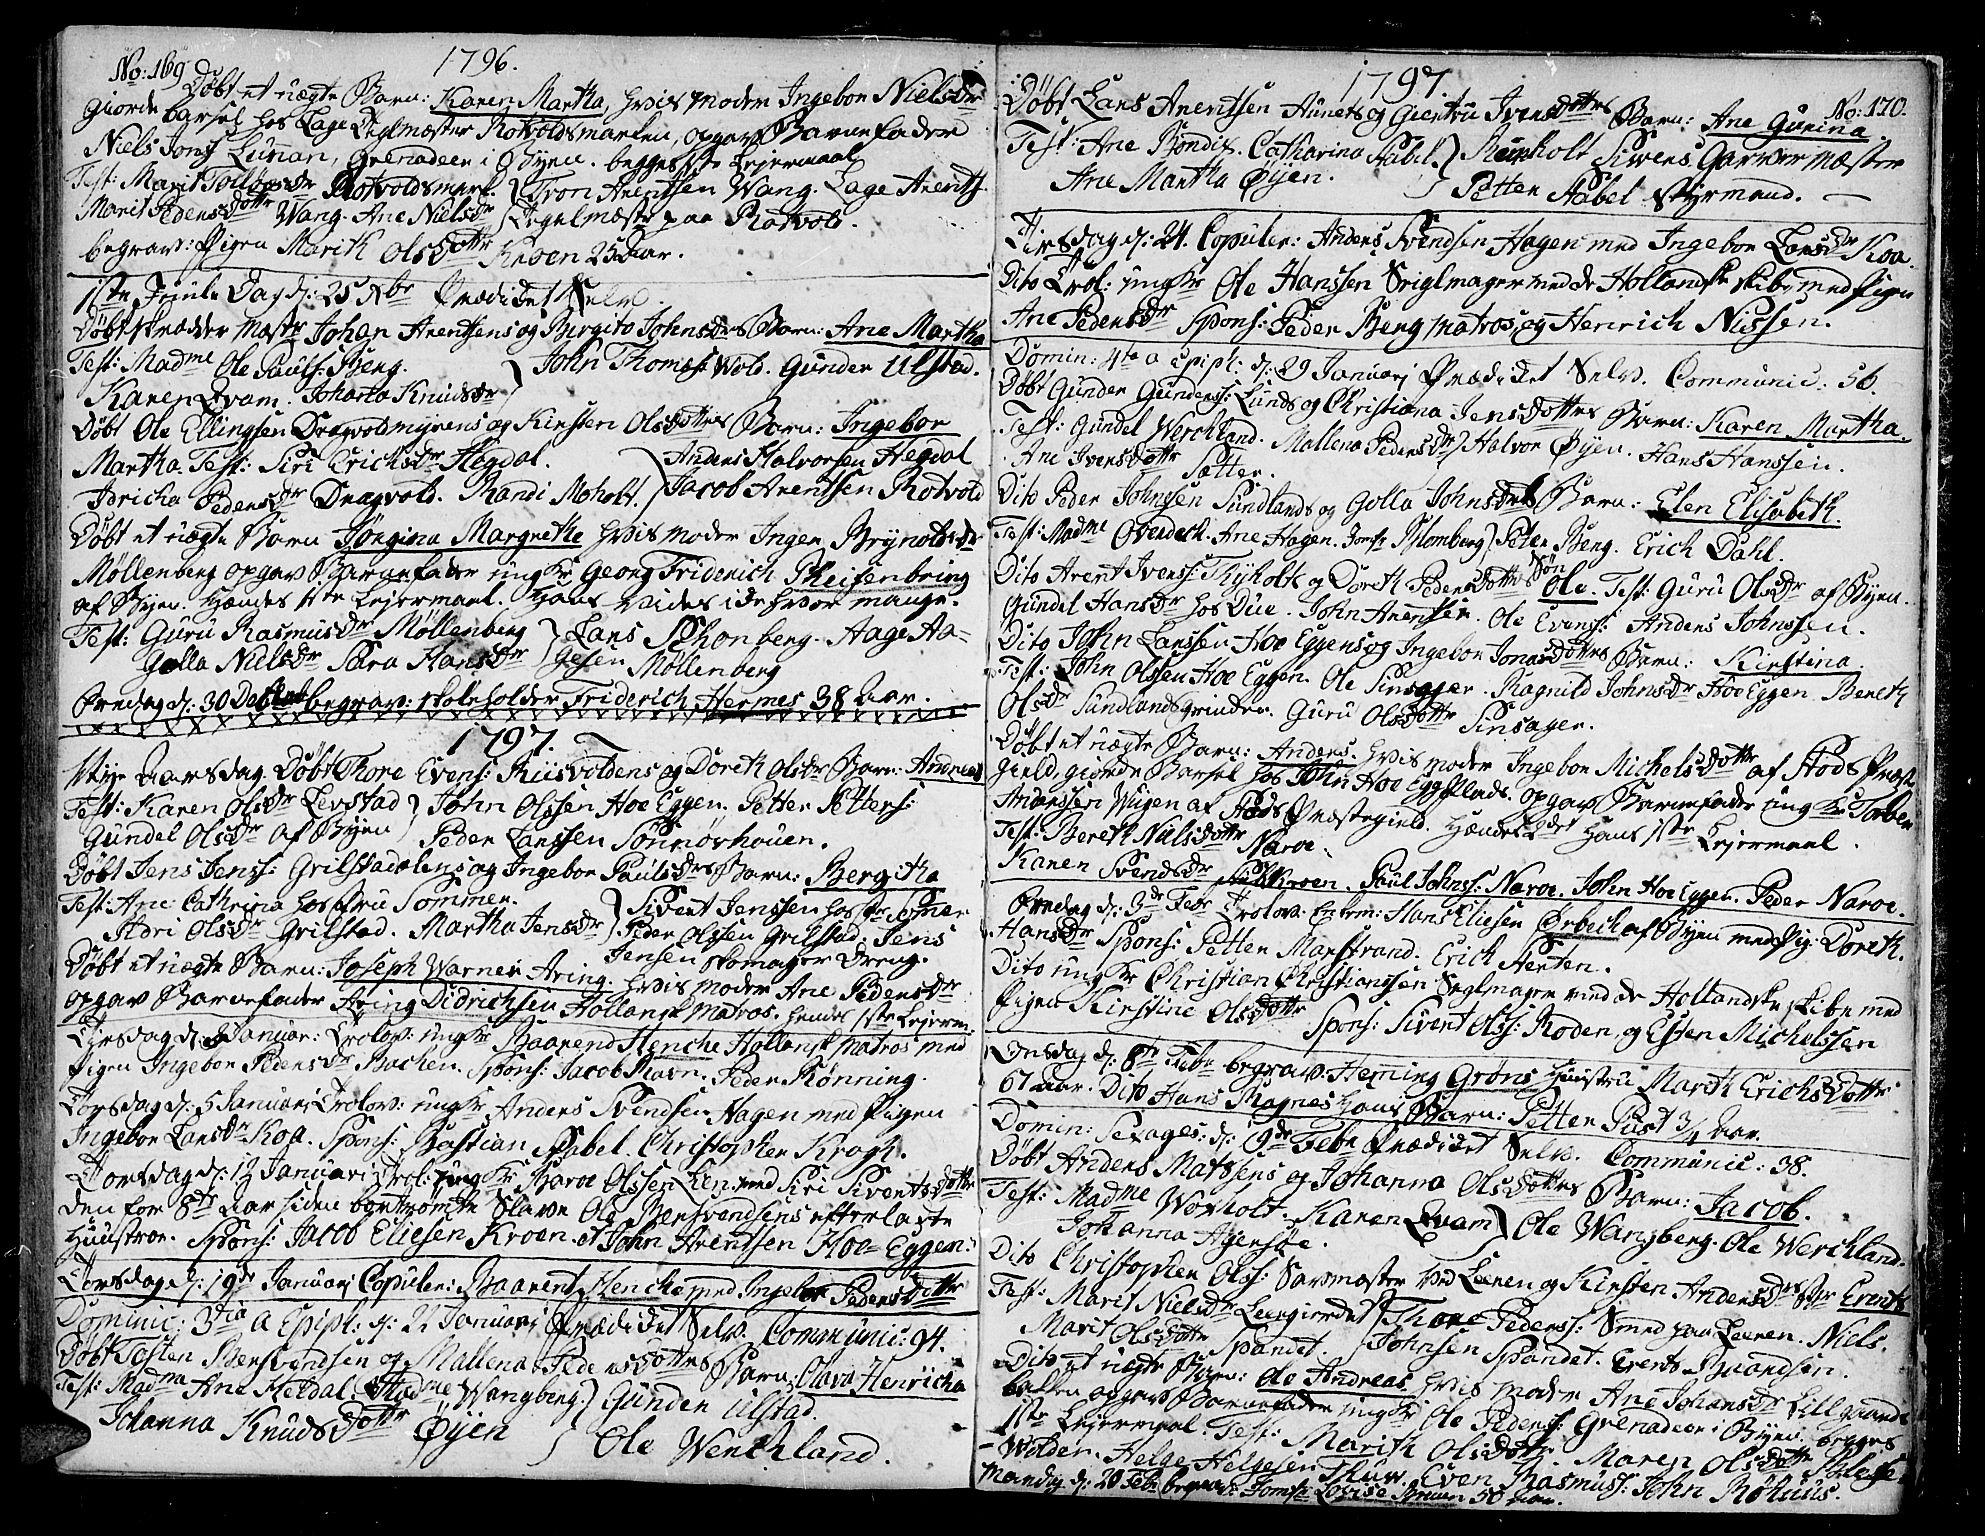 SAT, Ministerialprotokoller, klokkerbøker og fødselsregistre - Sør-Trøndelag, 604/L0180: Ministerialbok nr. 604A01, 1780-1797, s. 169-170